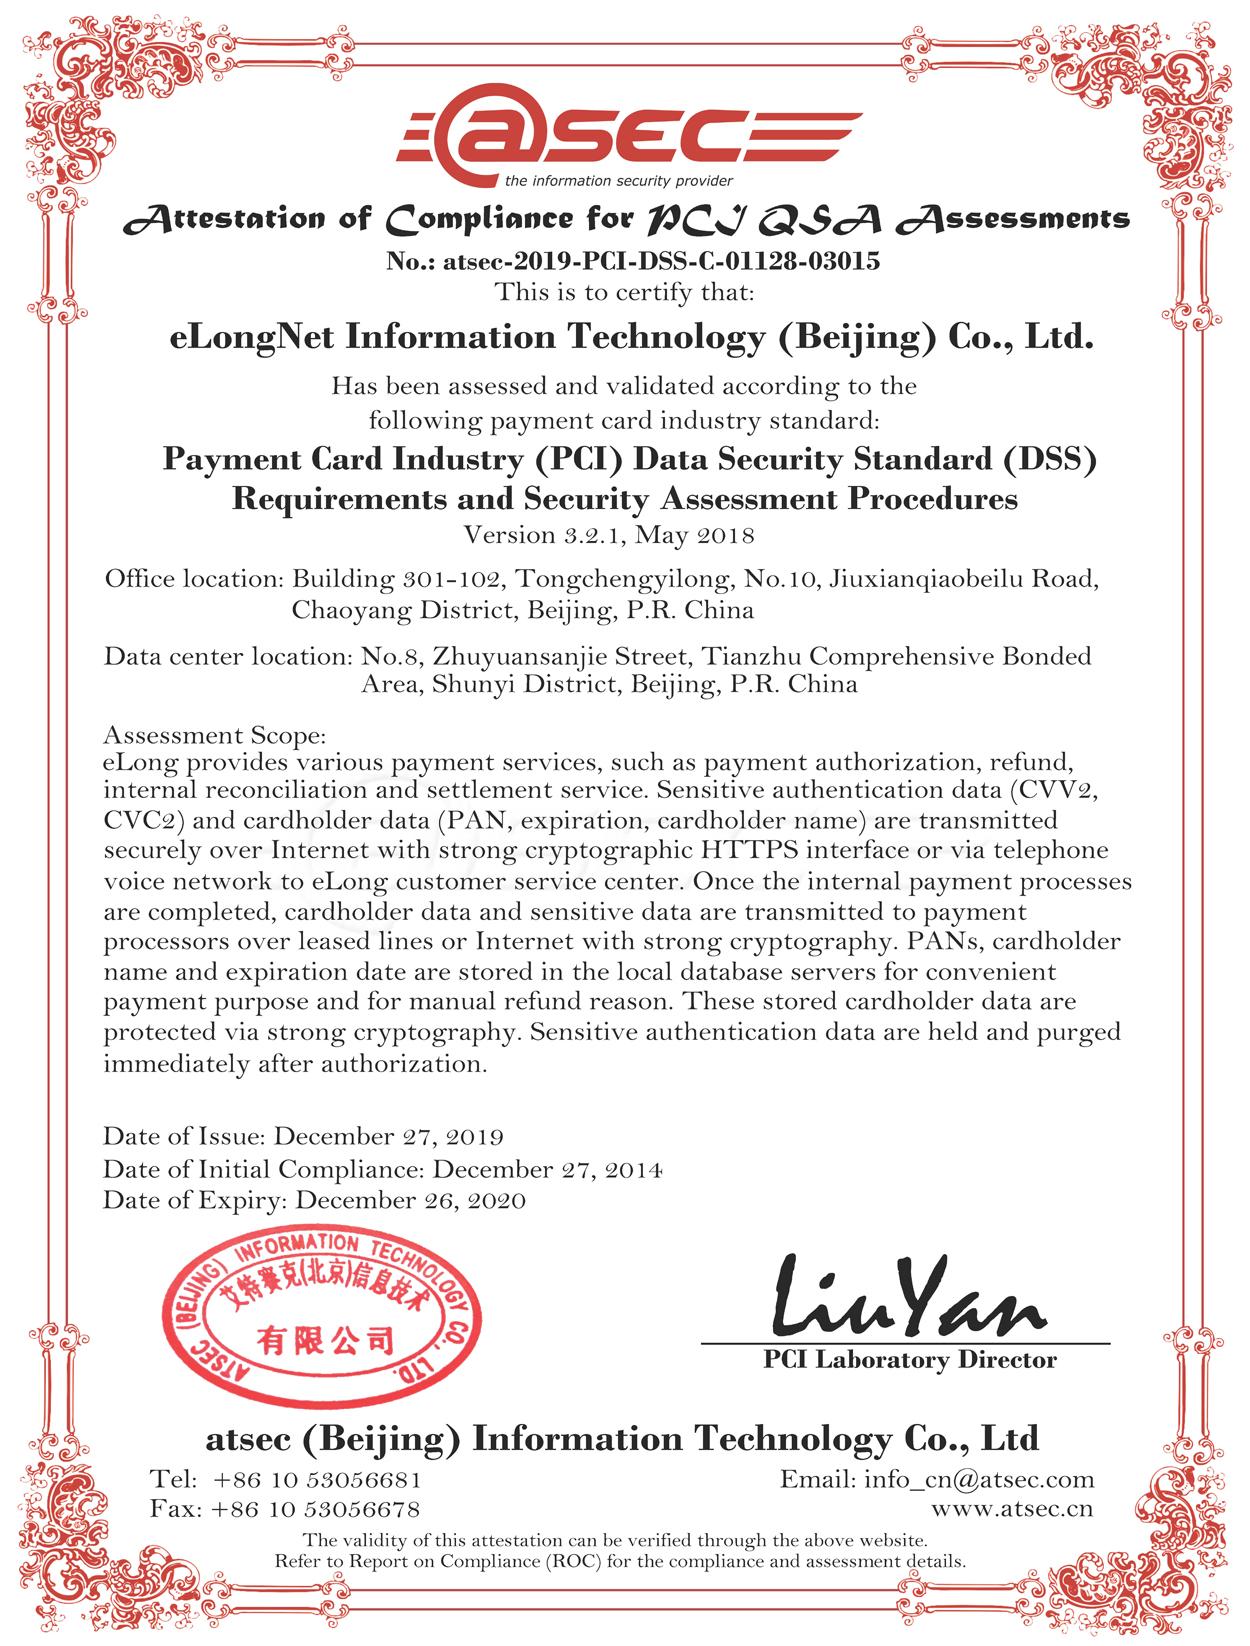 宝马线上娱乐网通过PCI认证